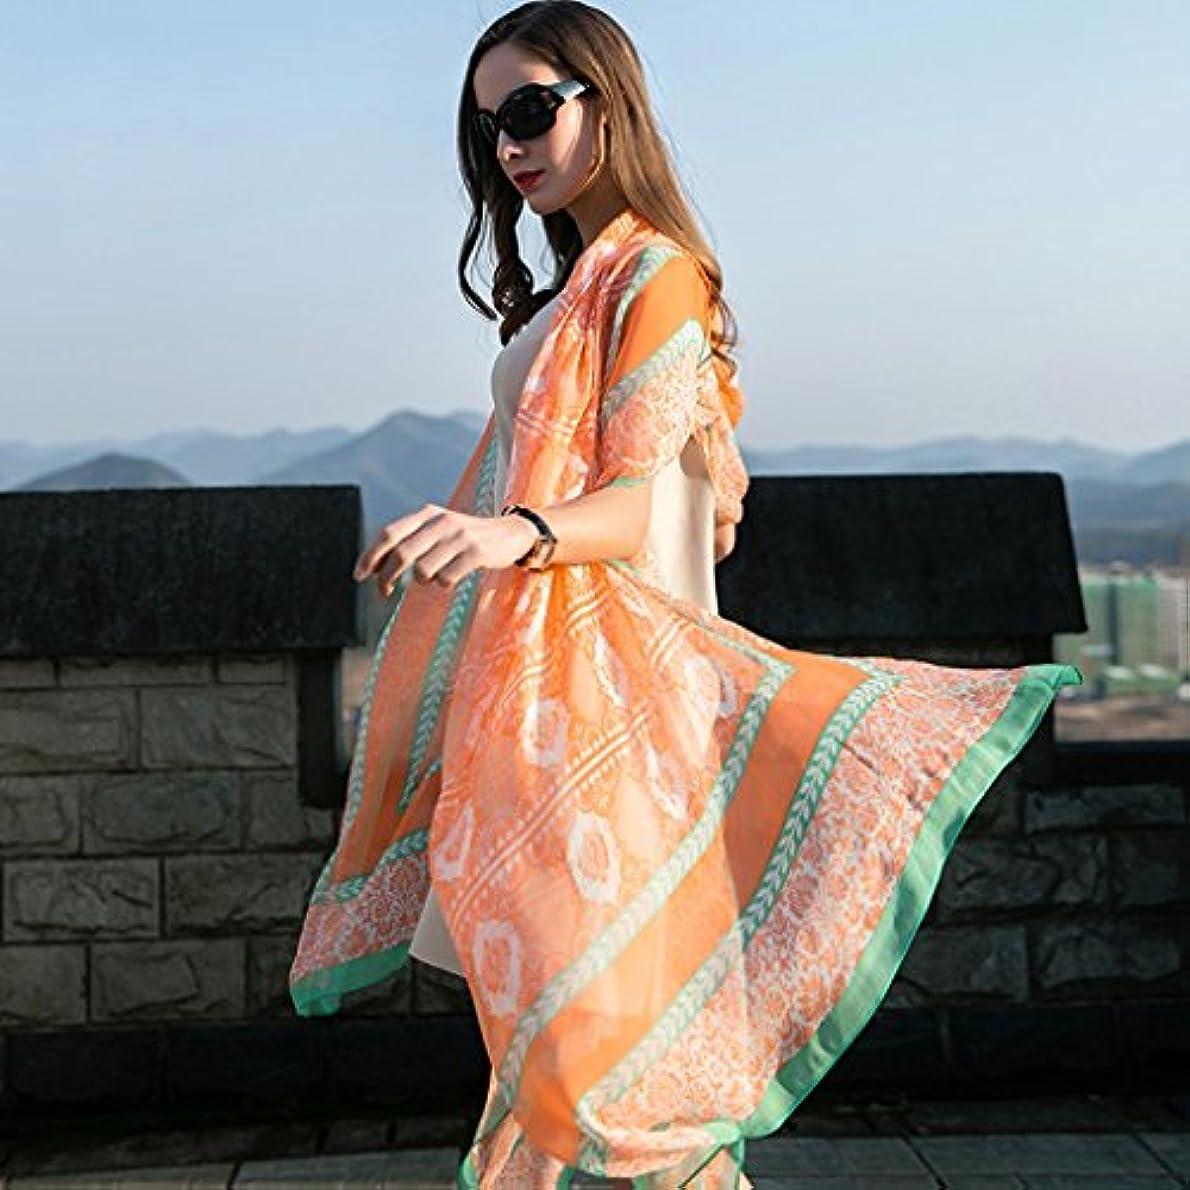 欺く乳製品合成サンスクリーンショールーム夏の大きなショール桑のシルクスカーフ長い大きなスカーフ96.4 * 43.3インチ (Color : Orange)